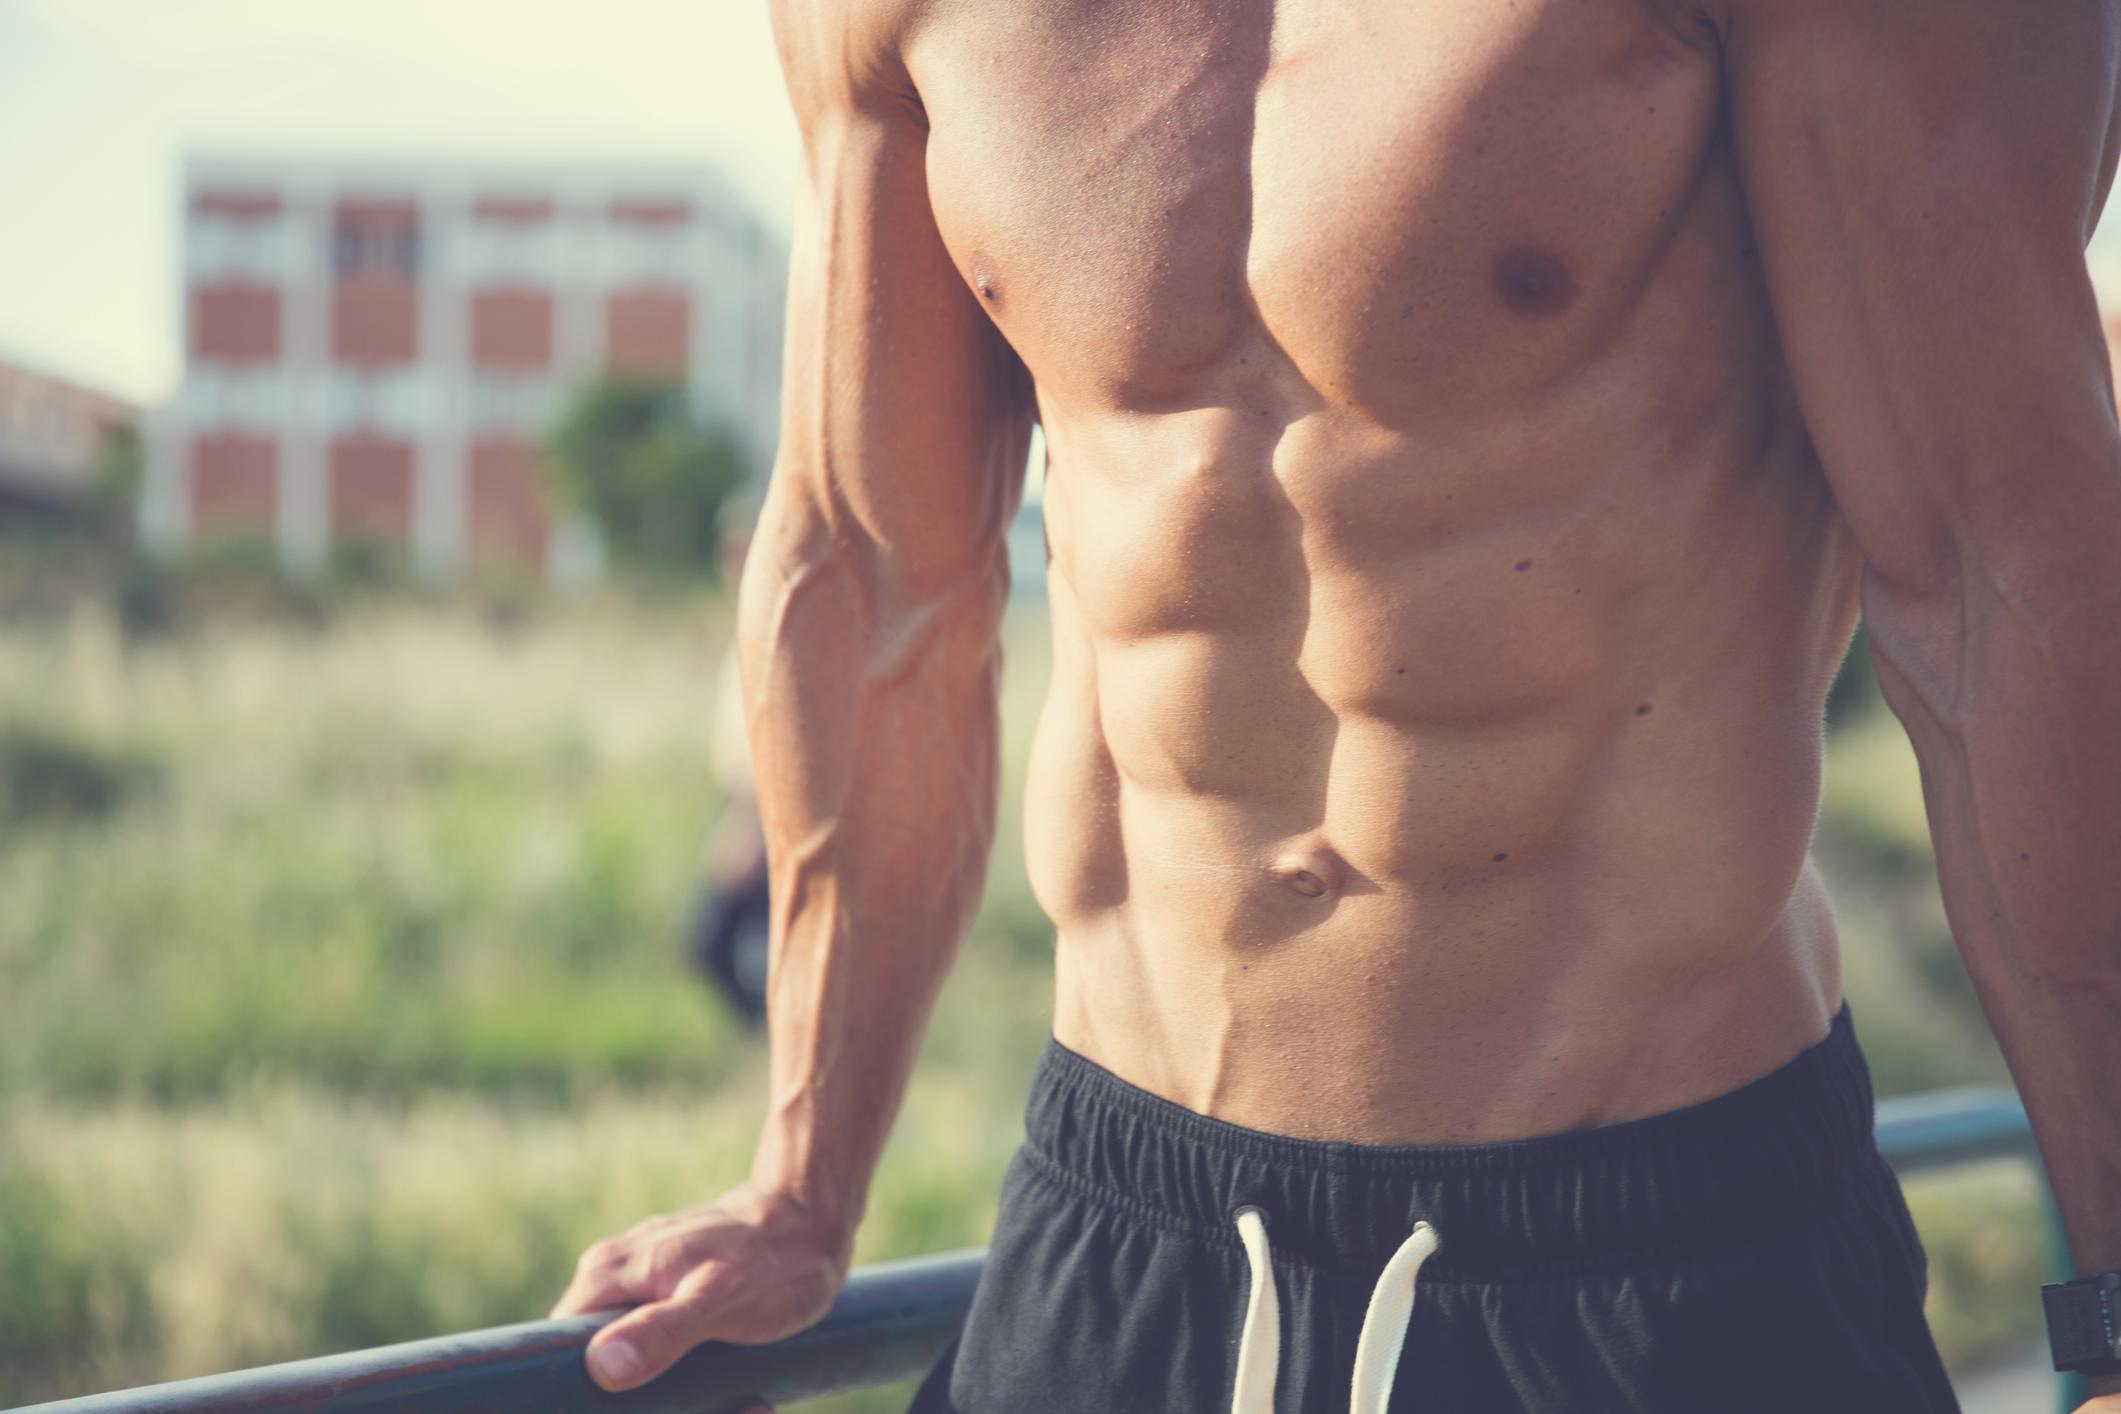 Musculatura abdominal: qué es, para qué sirve y cómo entrenarla